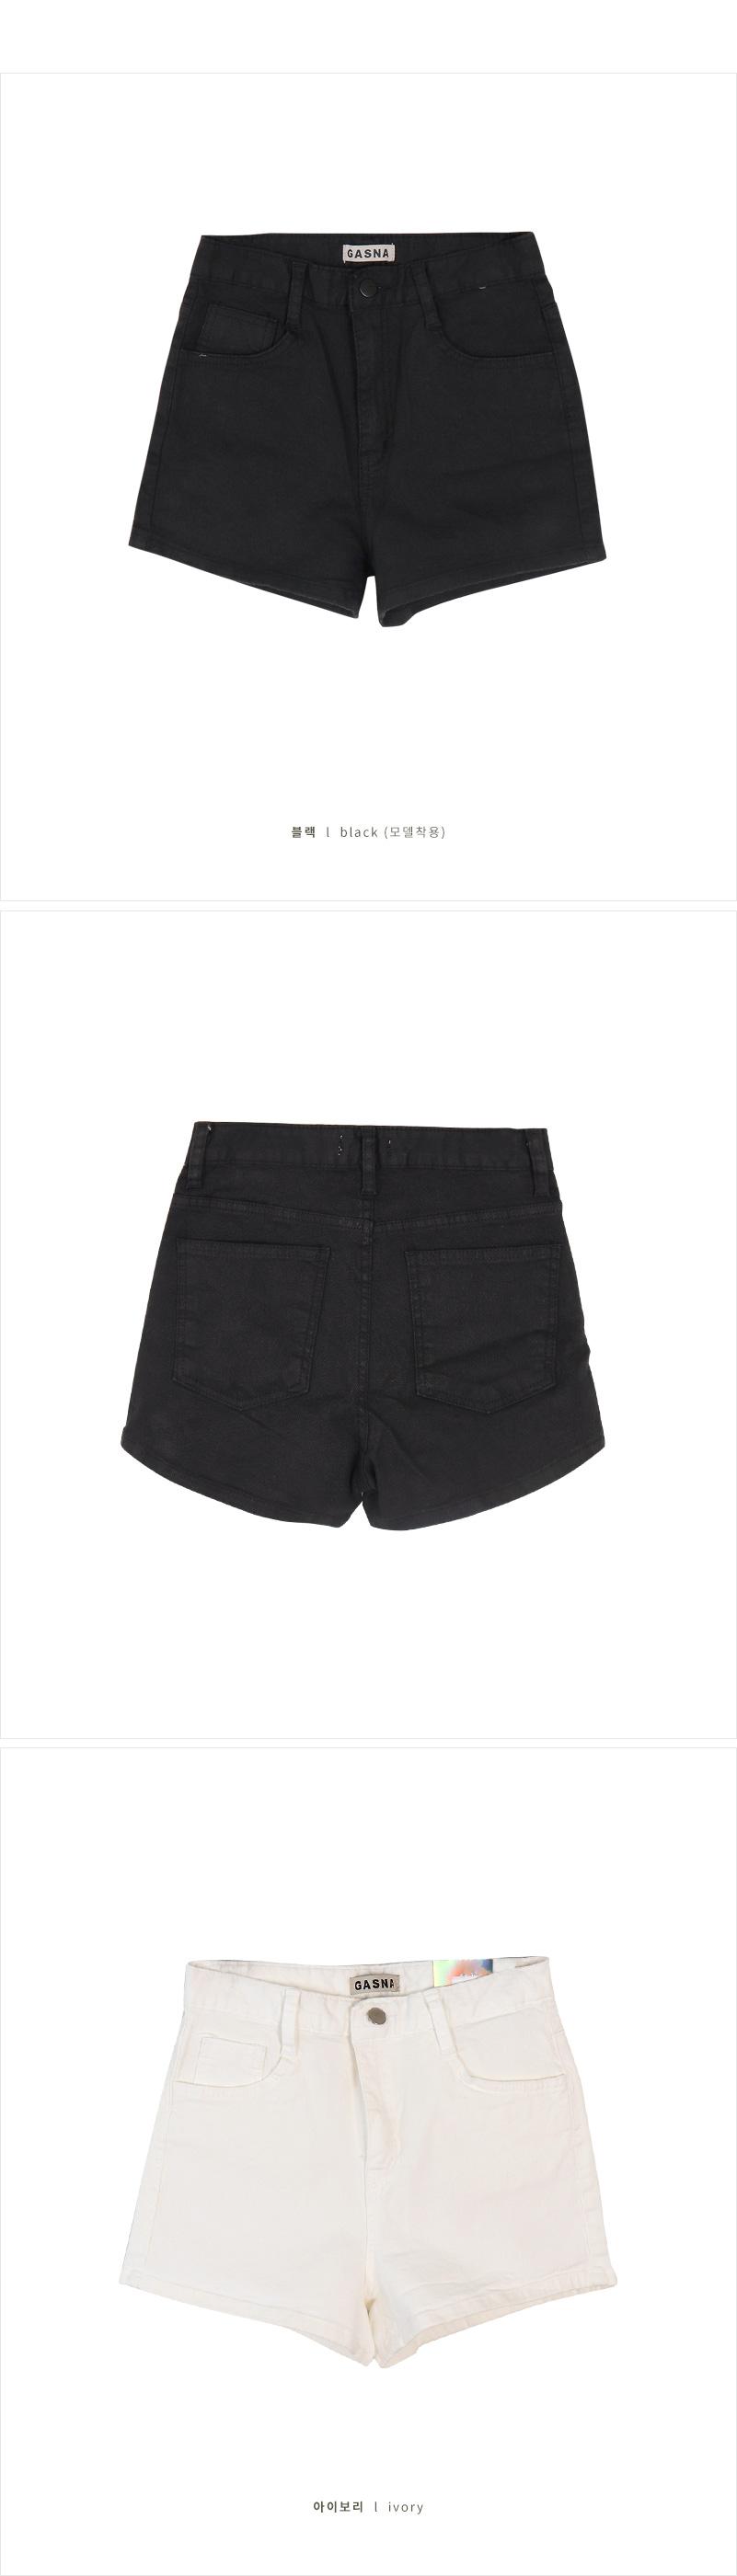 Crazy flaky high waist short pants